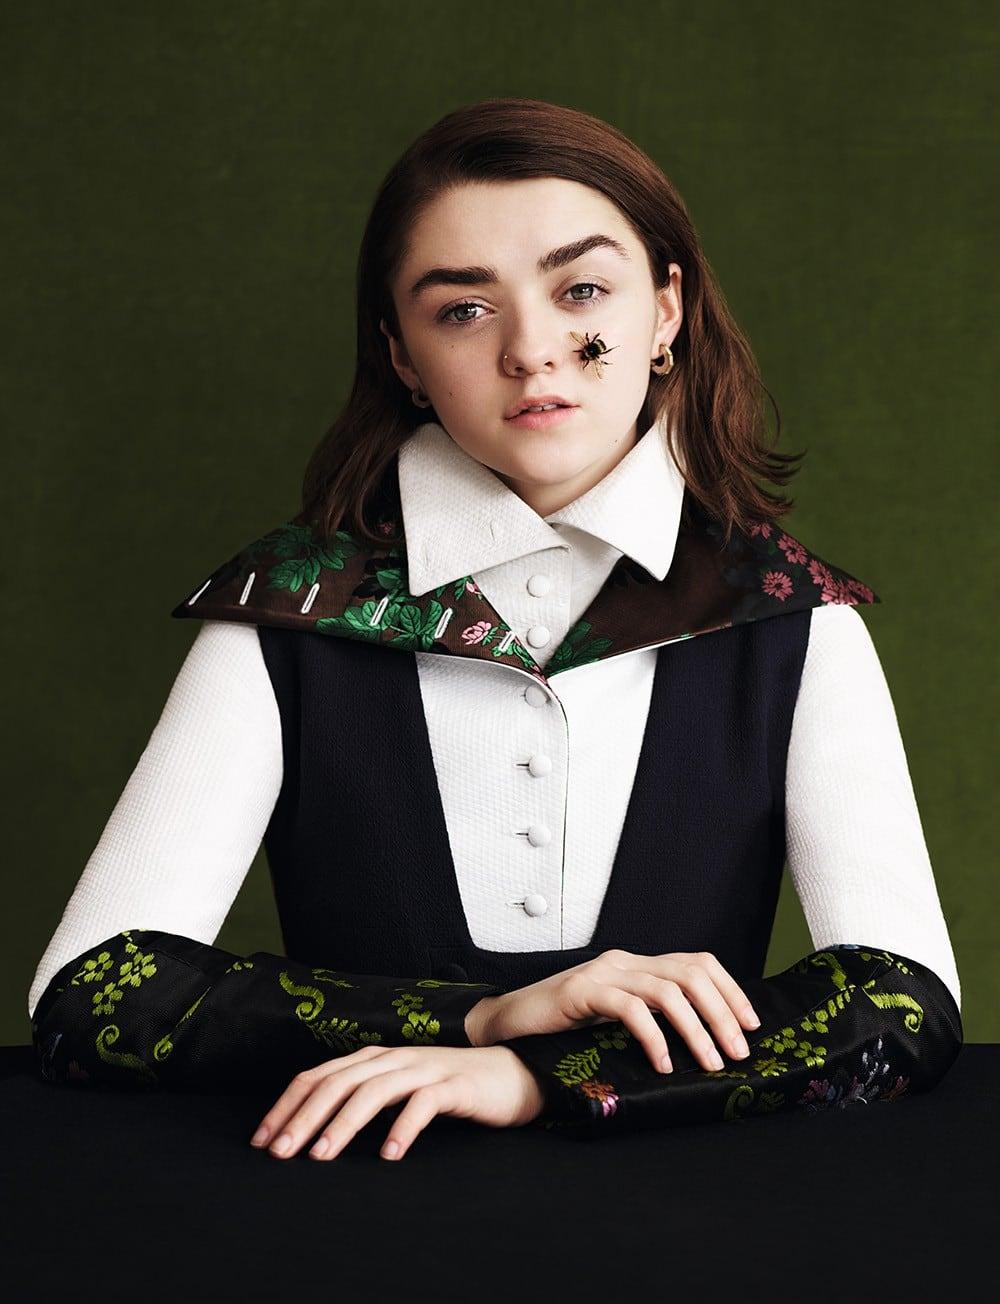 Maisie-Williams-Dazed-Confused-Magazine-2015-8